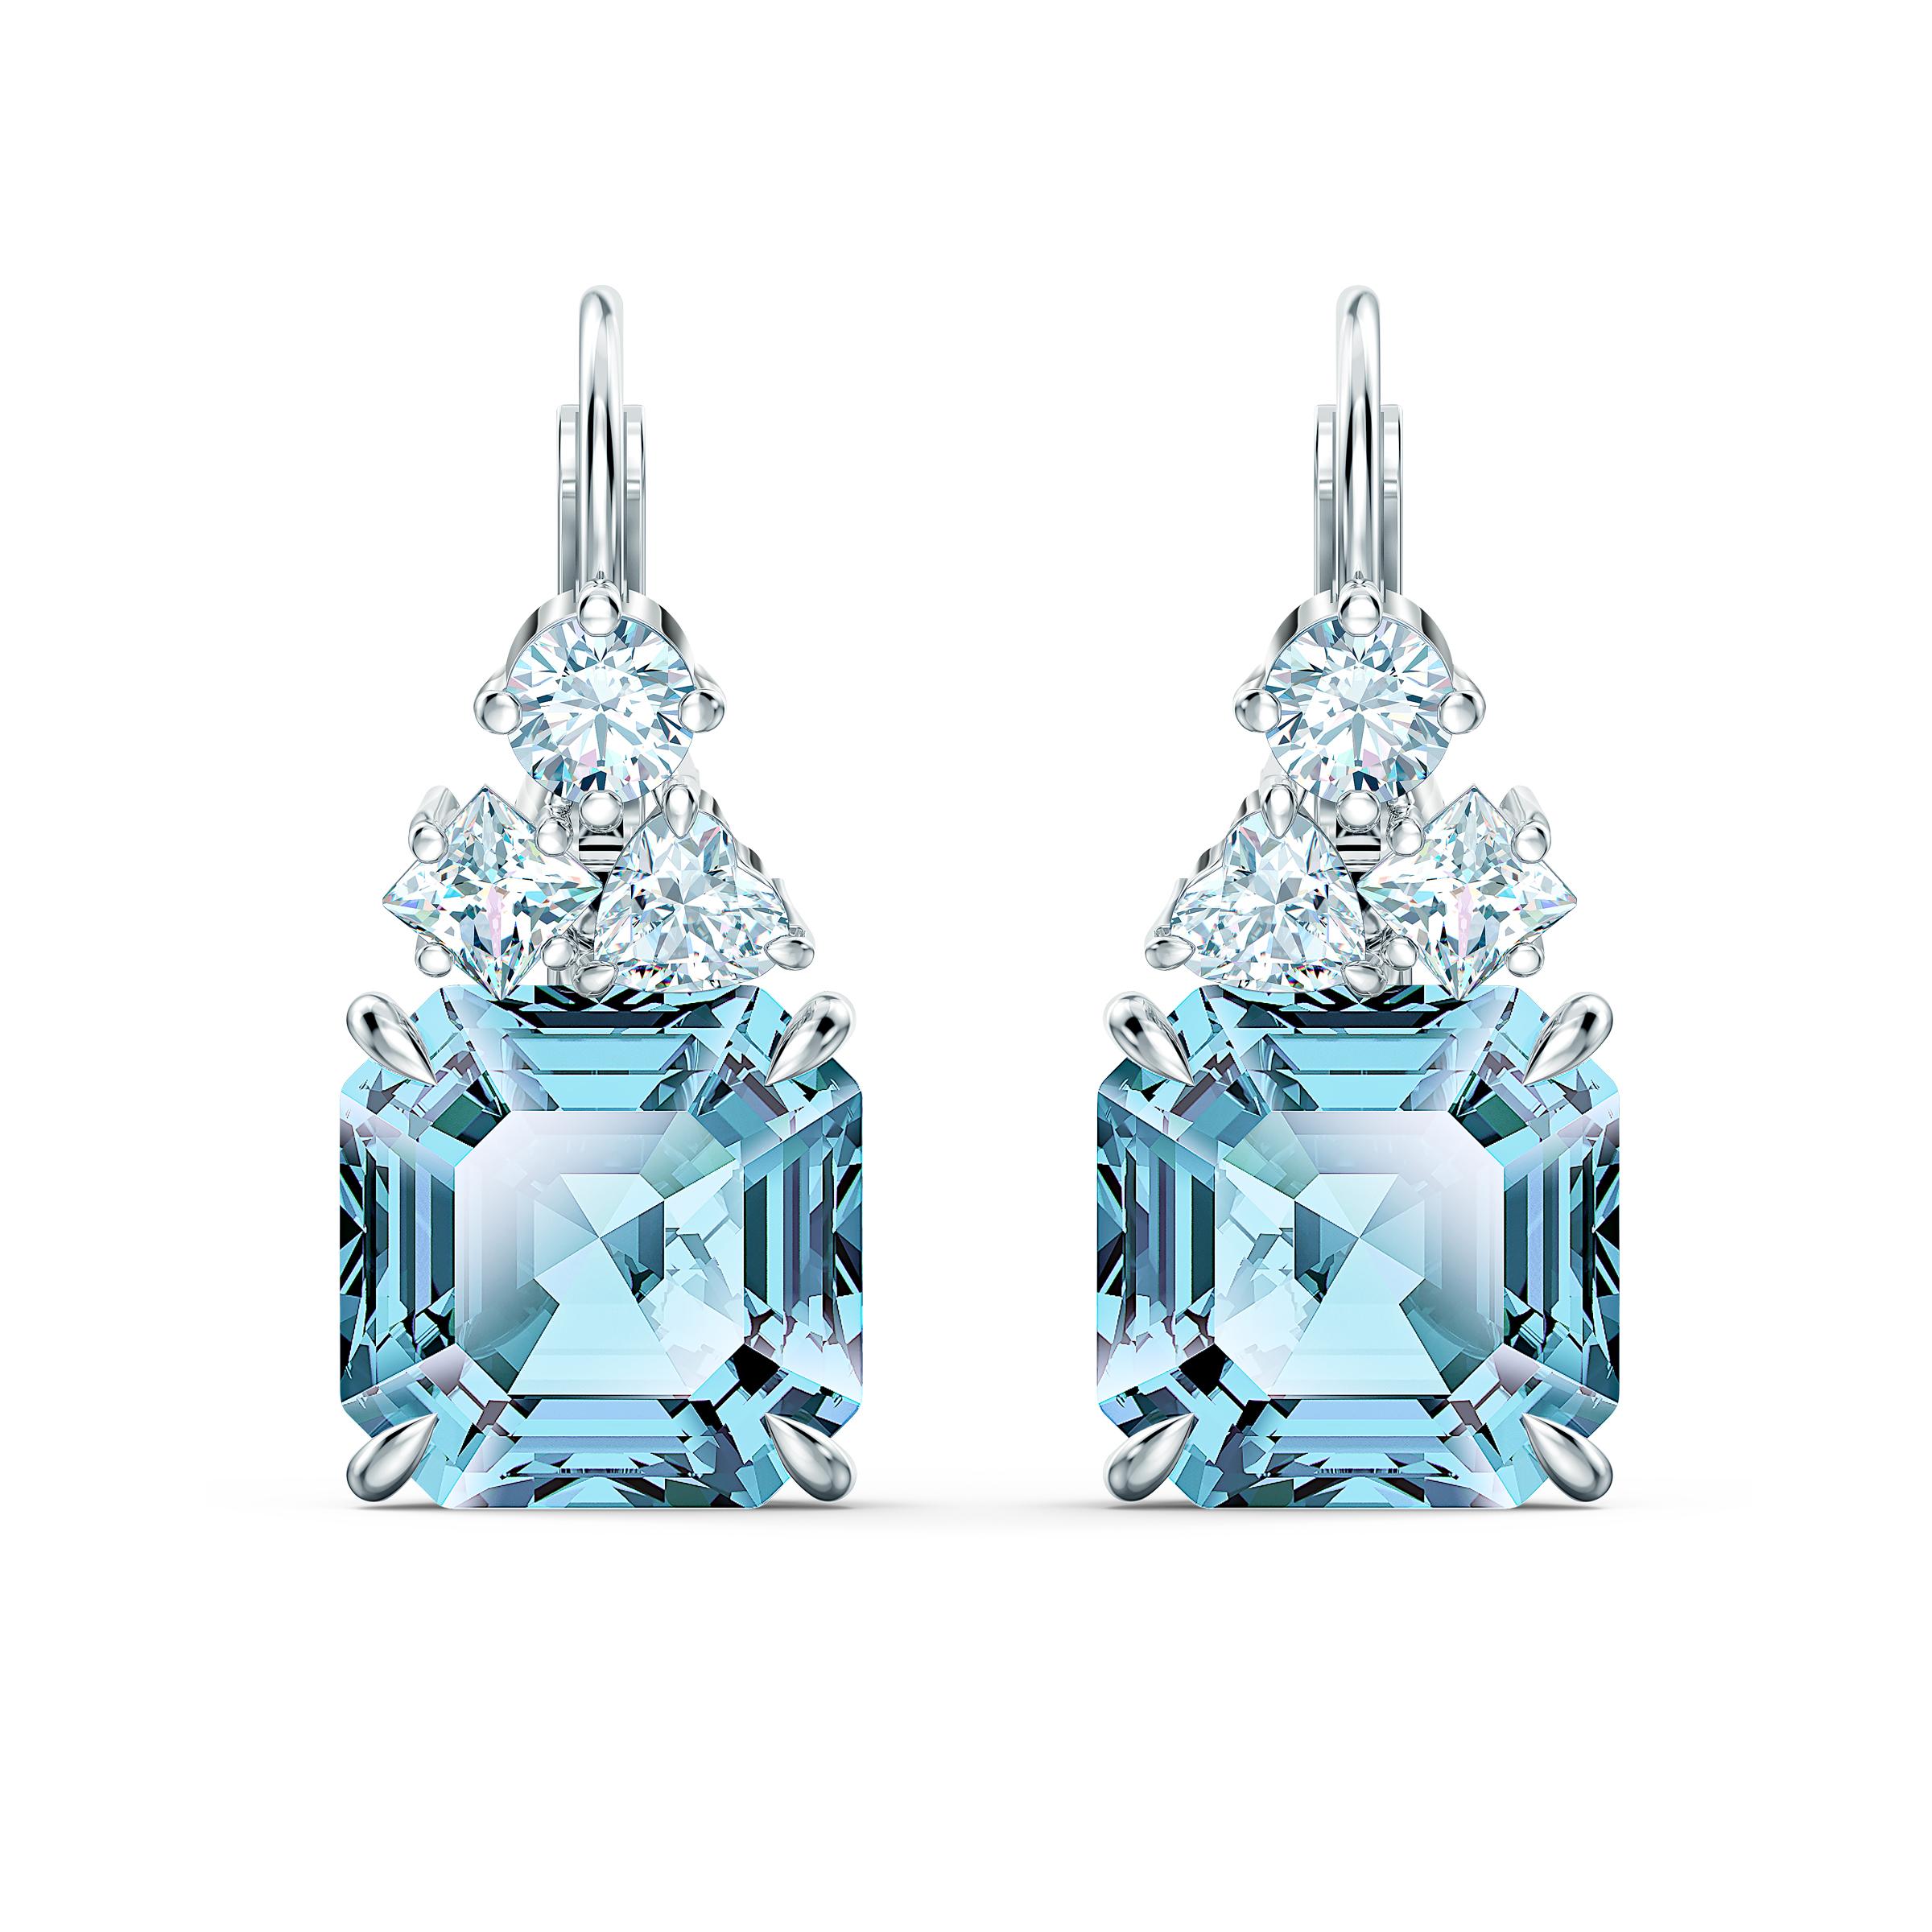 Boucles d'oreilles Sparkling, aiguemarine turquoise, métal rhodié, Swarovski